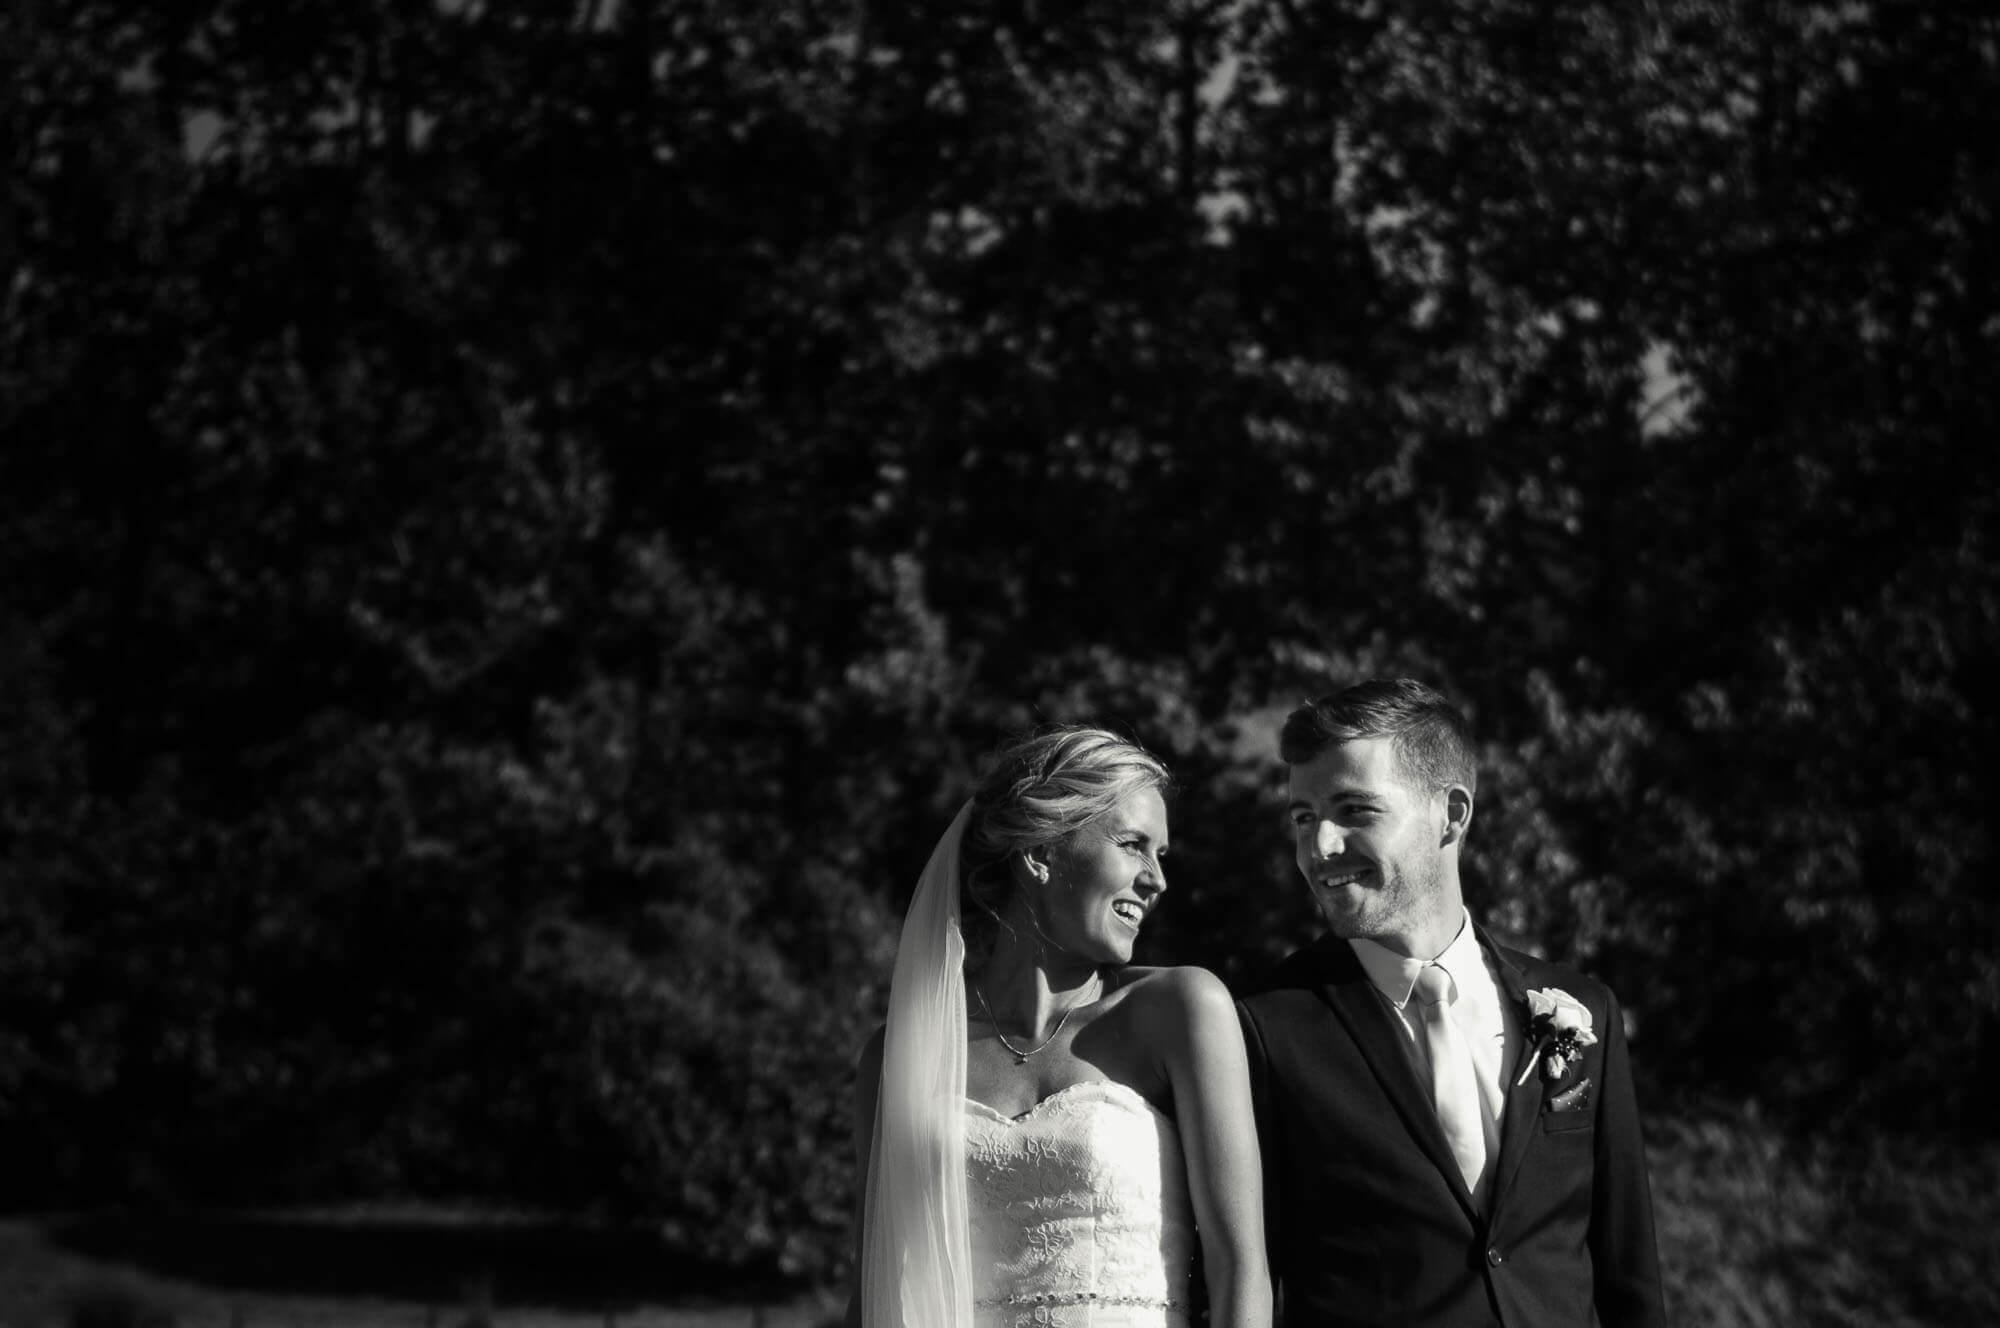 bride-and-groom-outdoor-wedding.jpg